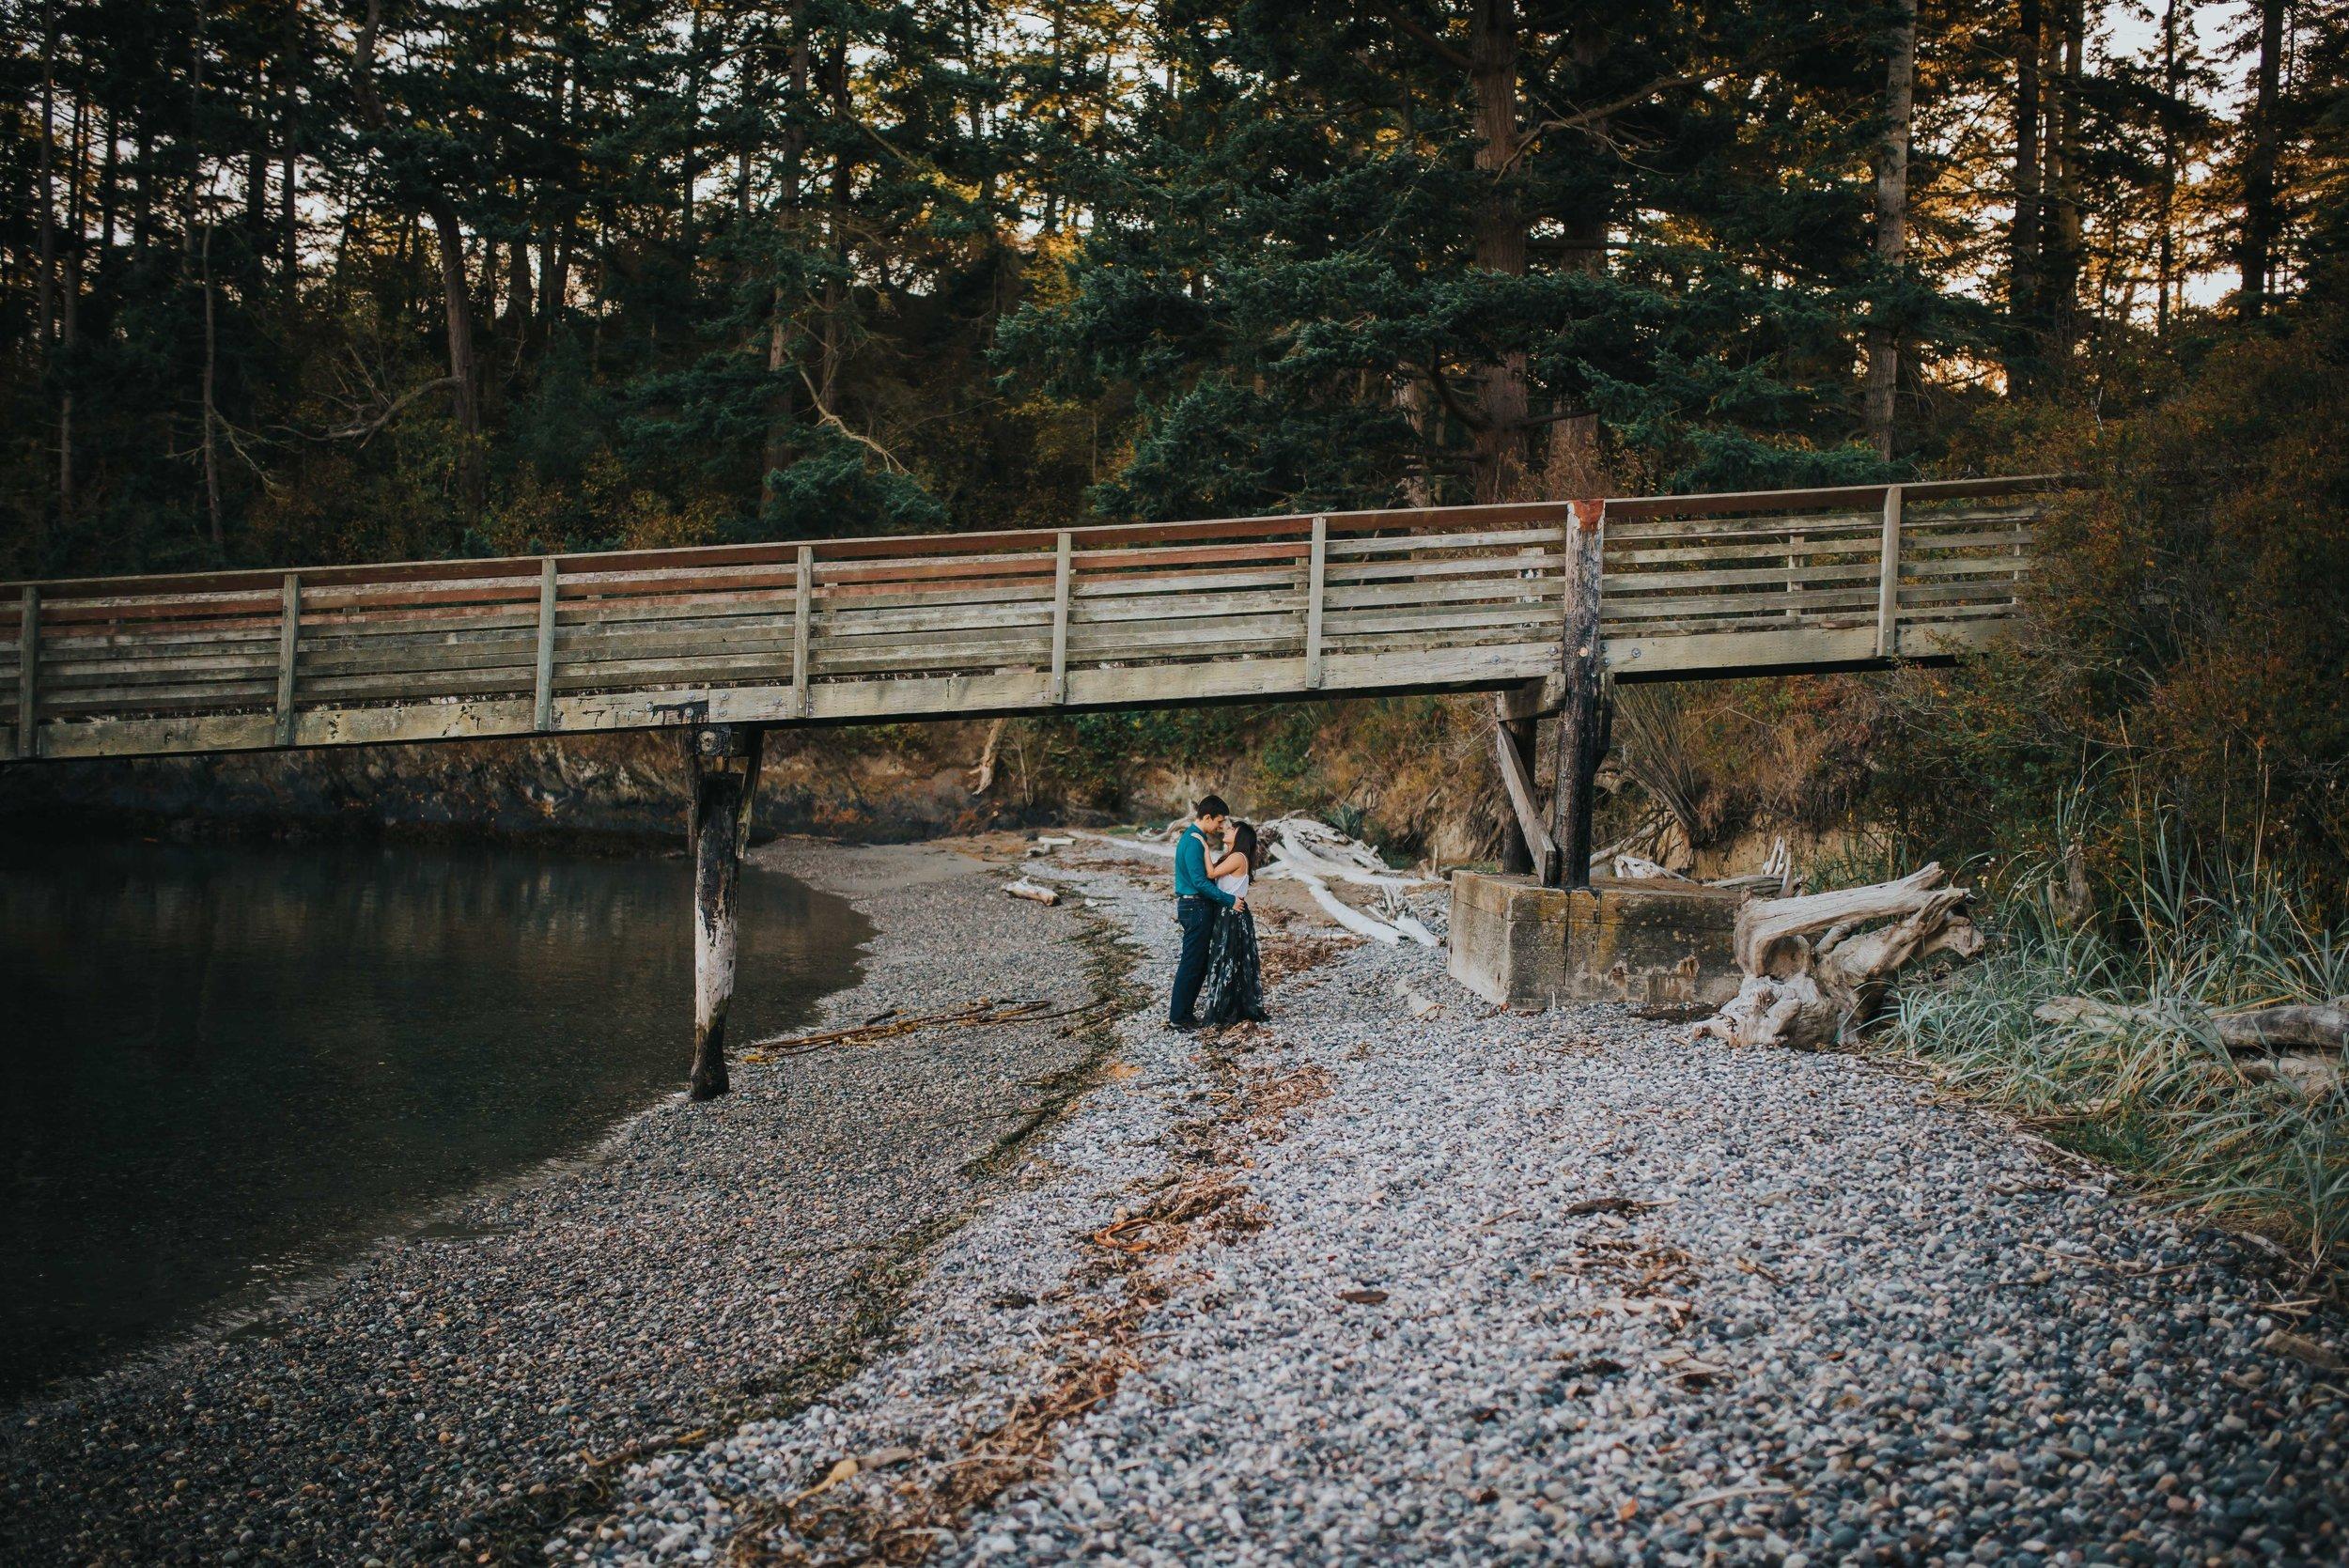 Oak-Harbor-Photographer-J-Hodges-2.jpg